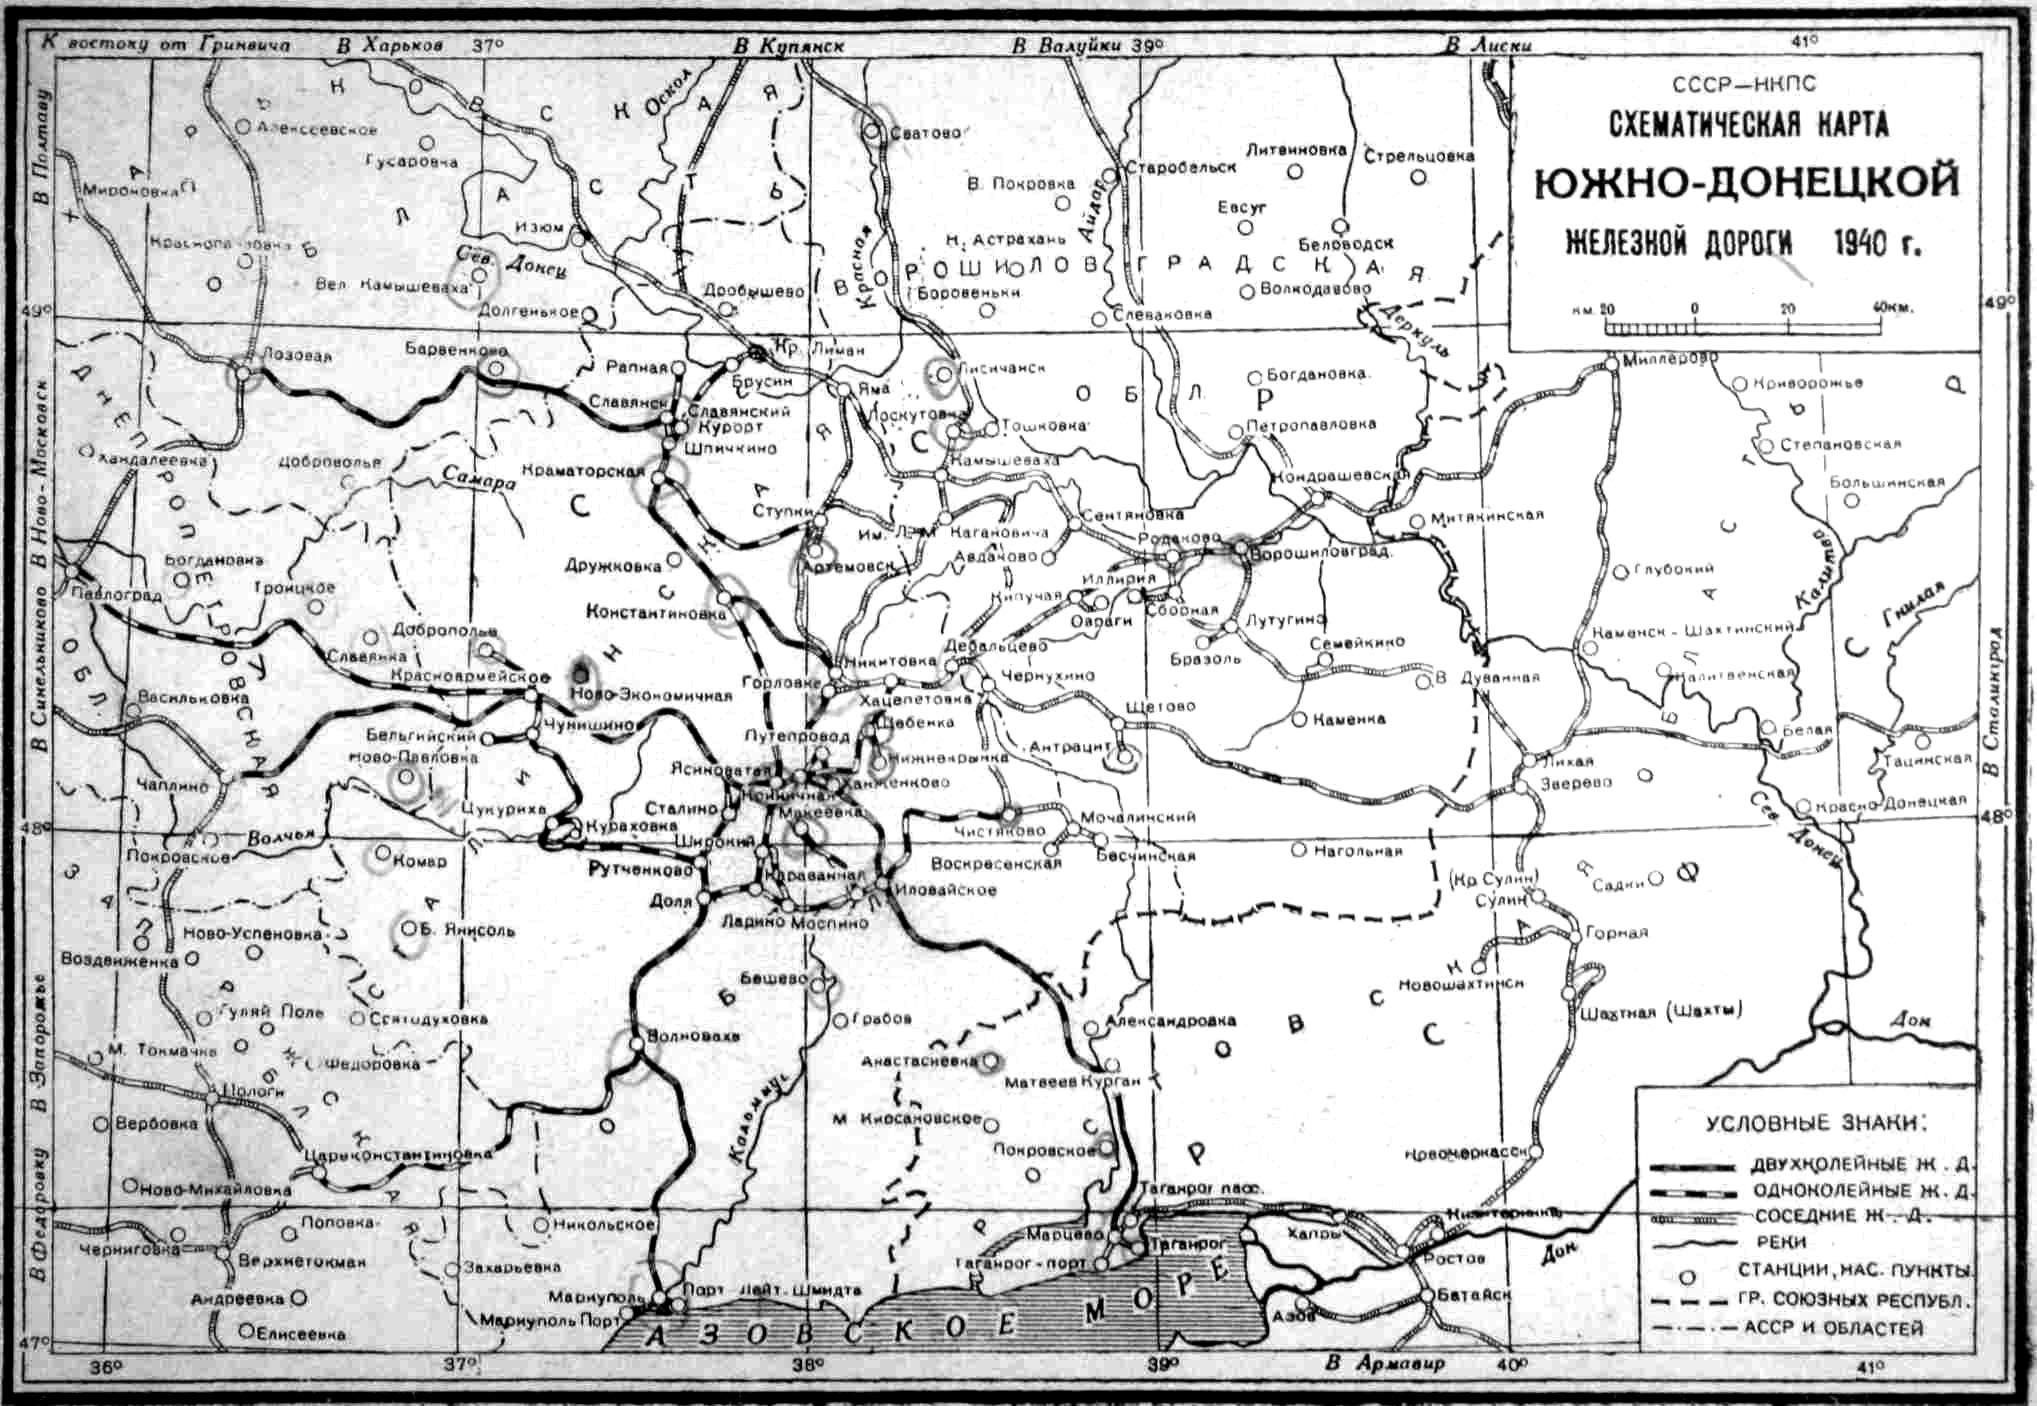 СХЕМАТИЧЕСКАЯ НАРТА ЮЖНО-ДОНЕЦКОЙ ЖЕЛЕЗНОЙ ДОРОГИ 1940 г. <a href=